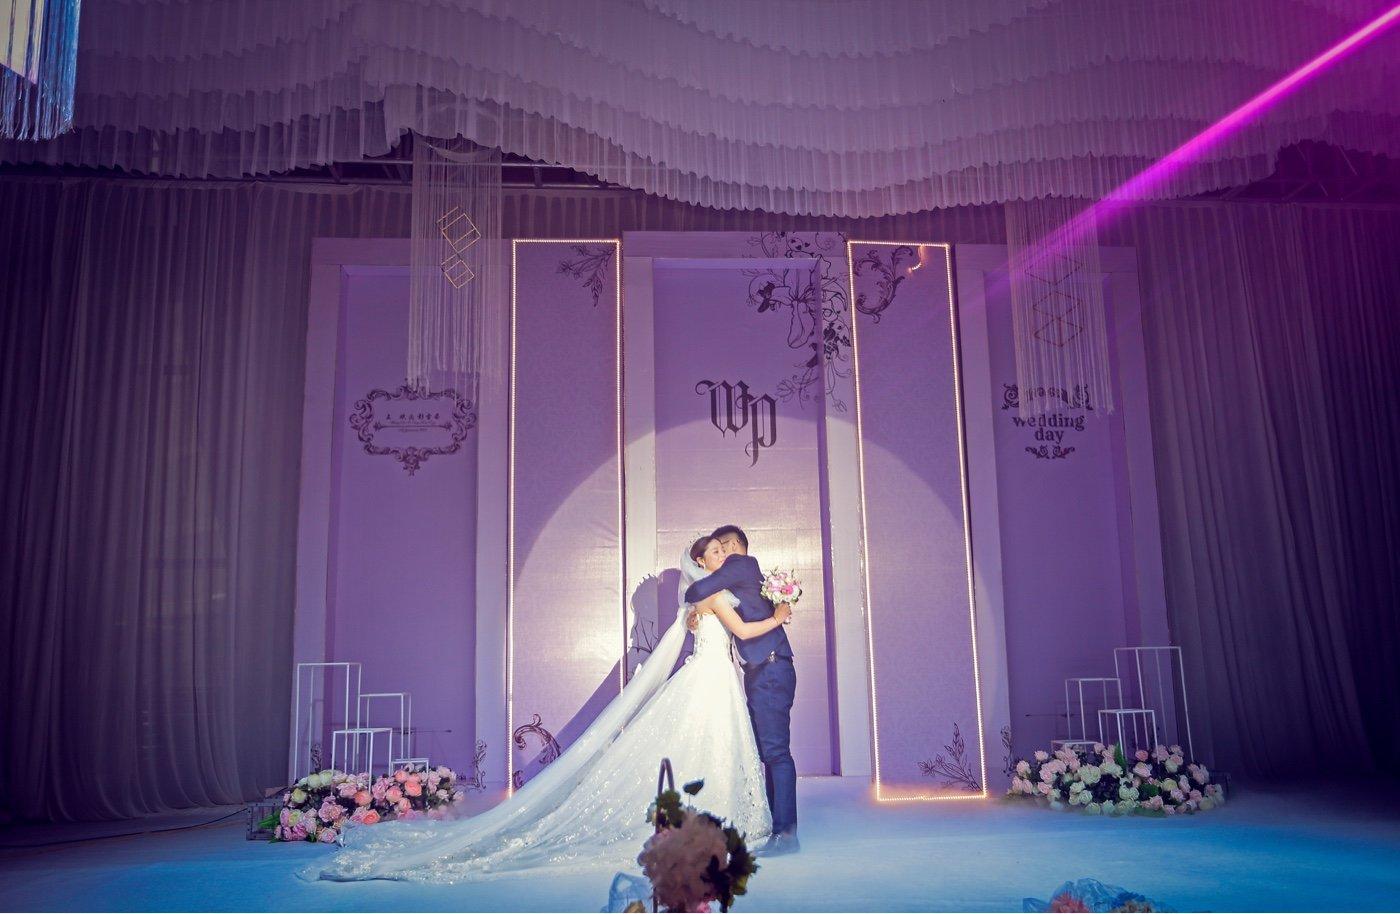 「Fantasy Wedding」&滨湖世纪金源酒店5